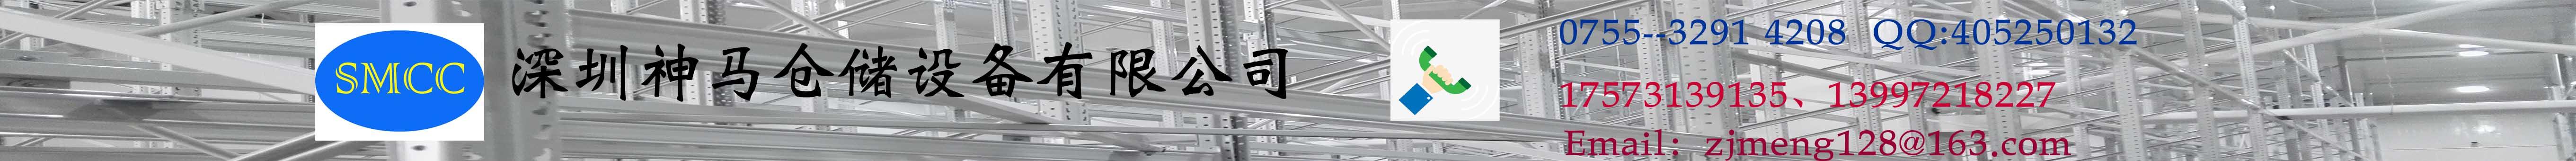 深圳市神马仓储设备有限公司